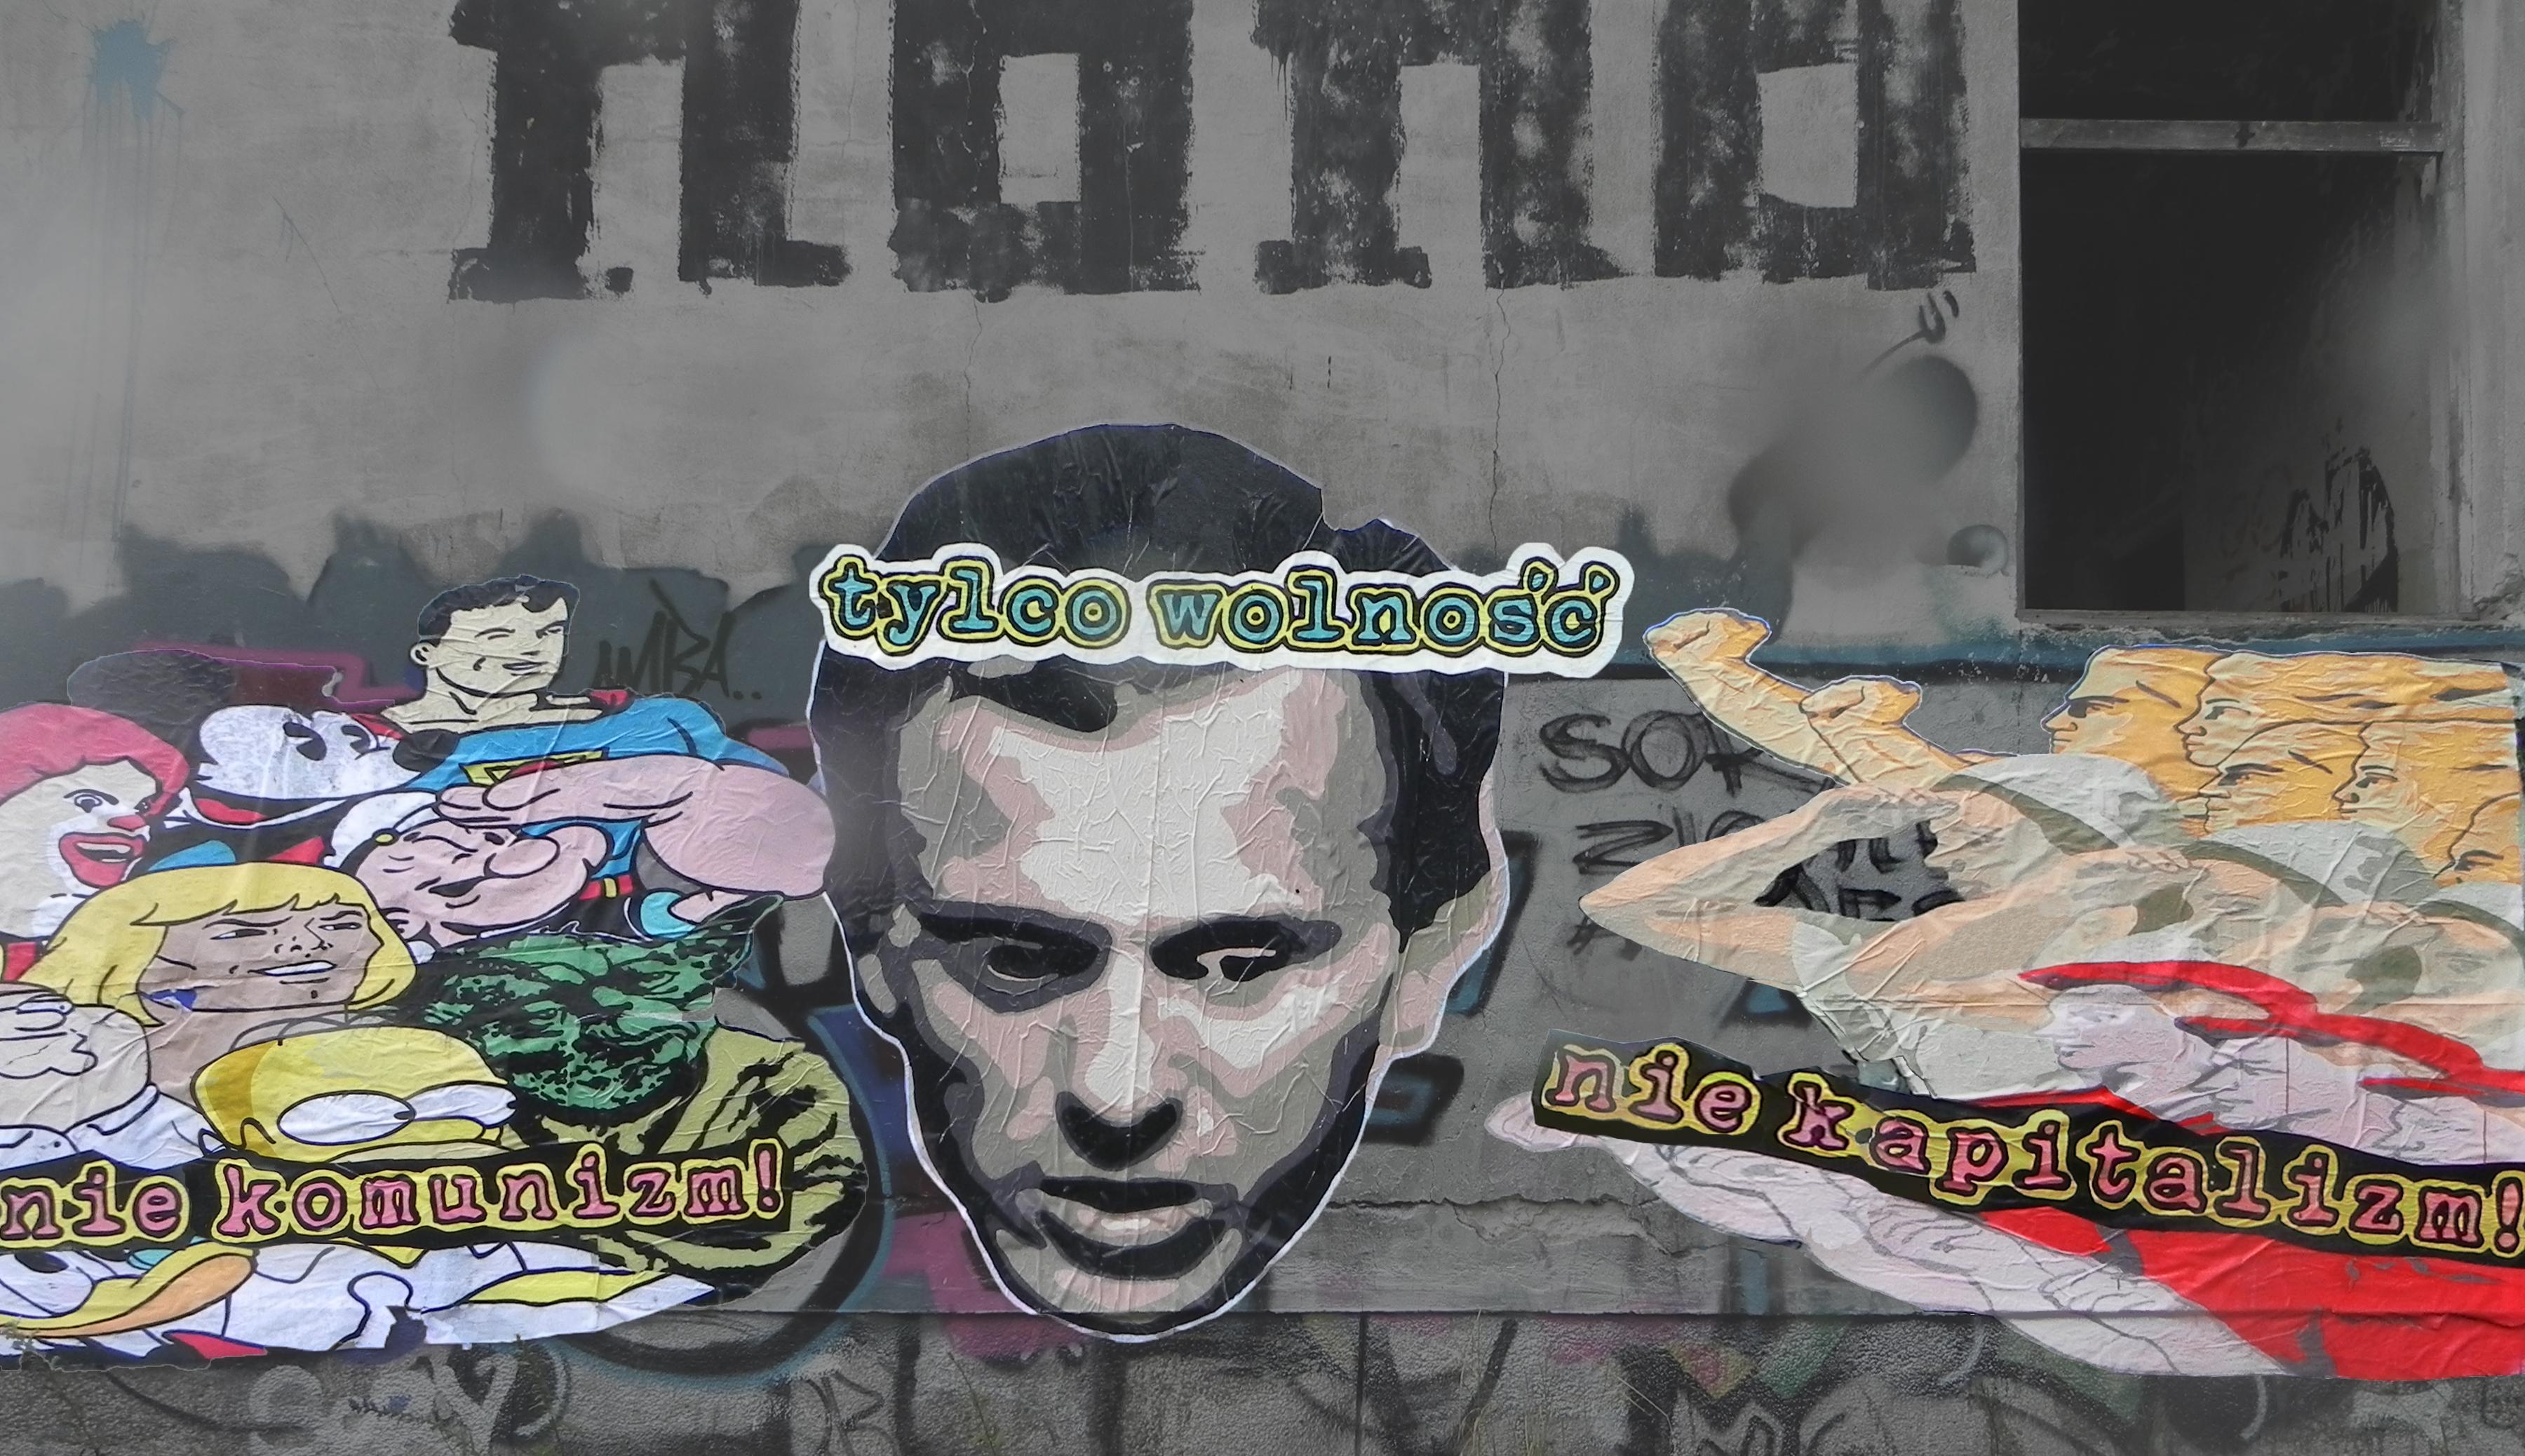 Popieluszko_murales